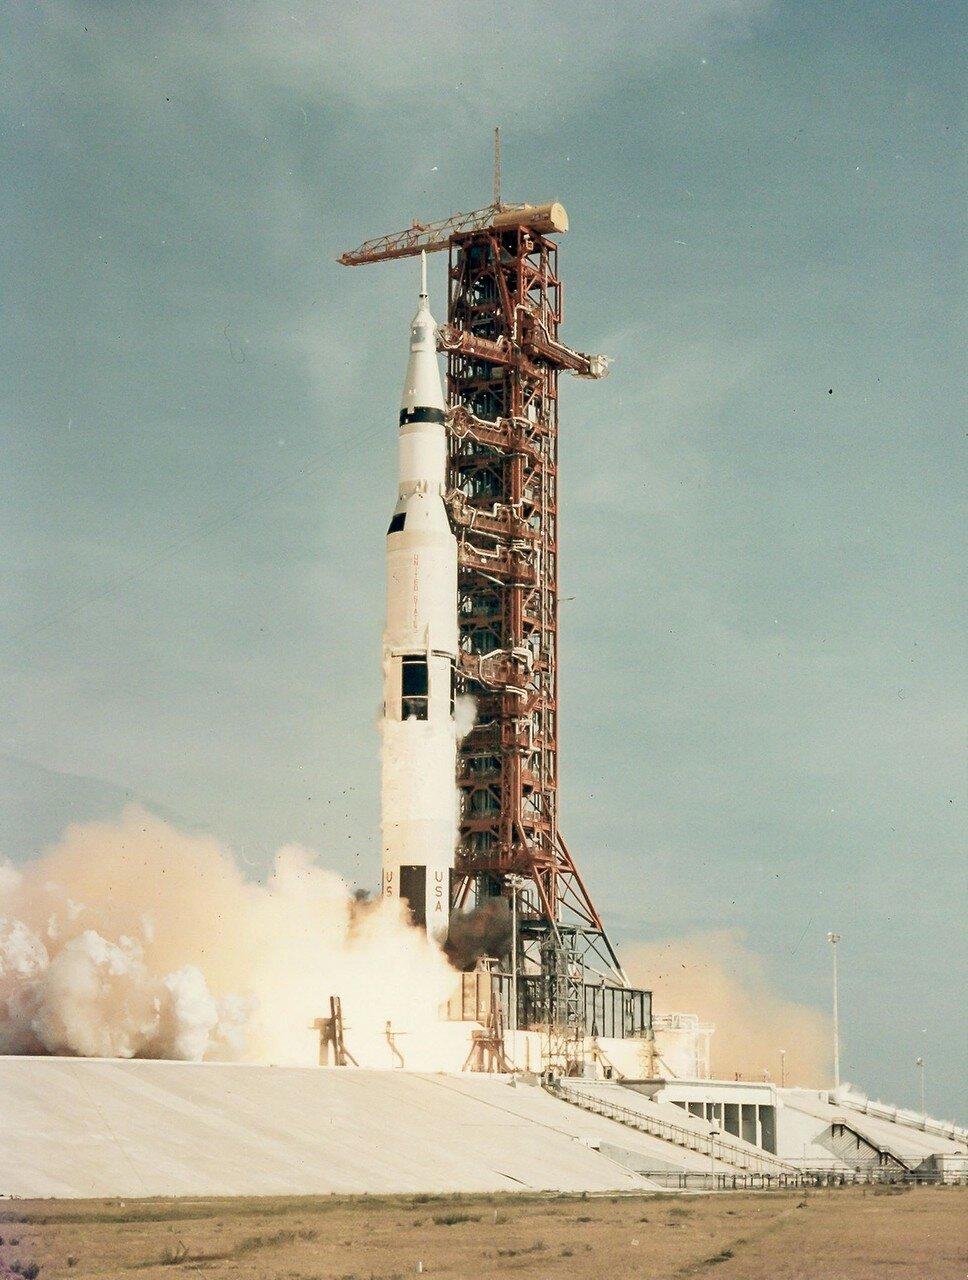 Старт «Аполлона-11» состоялся в среду, 16 июля 1969 года, в 13:32 UTC. Среди 5000 почётных гостей в Космическом центре имени Кеннеди присутствовали президент США Линдон Джонсон, вице-президент Спиро Агню и пионер немецкой ракетной техники Герман Оберт